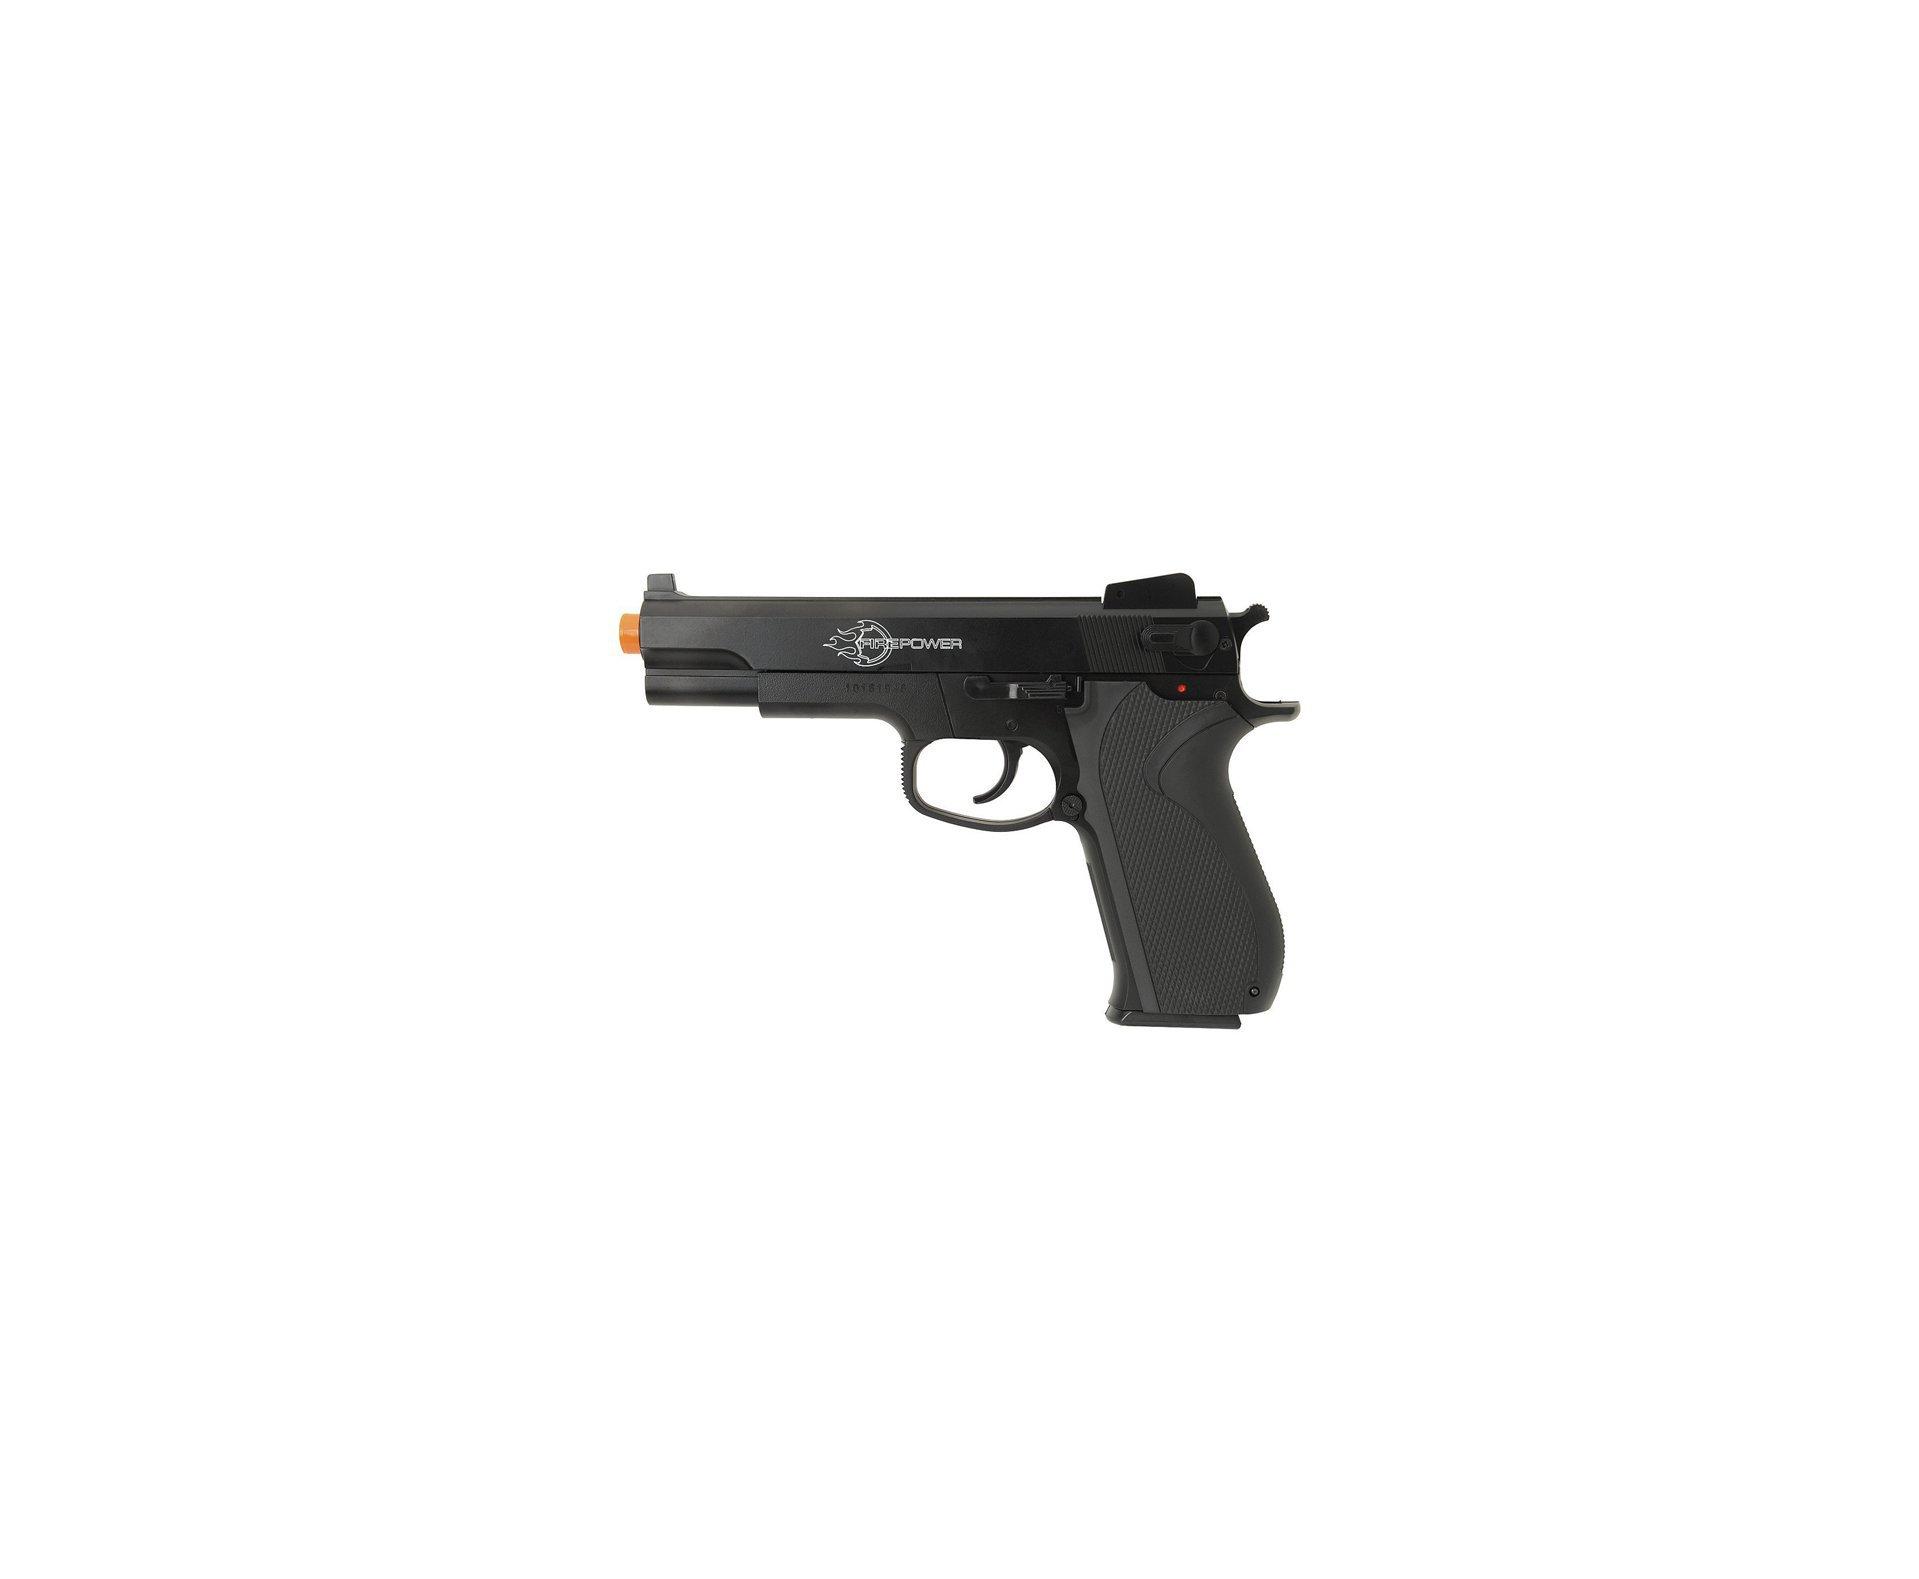 Pistola De Airsoft Firepower 45 - Calibre 6,0 Mm - Firepower